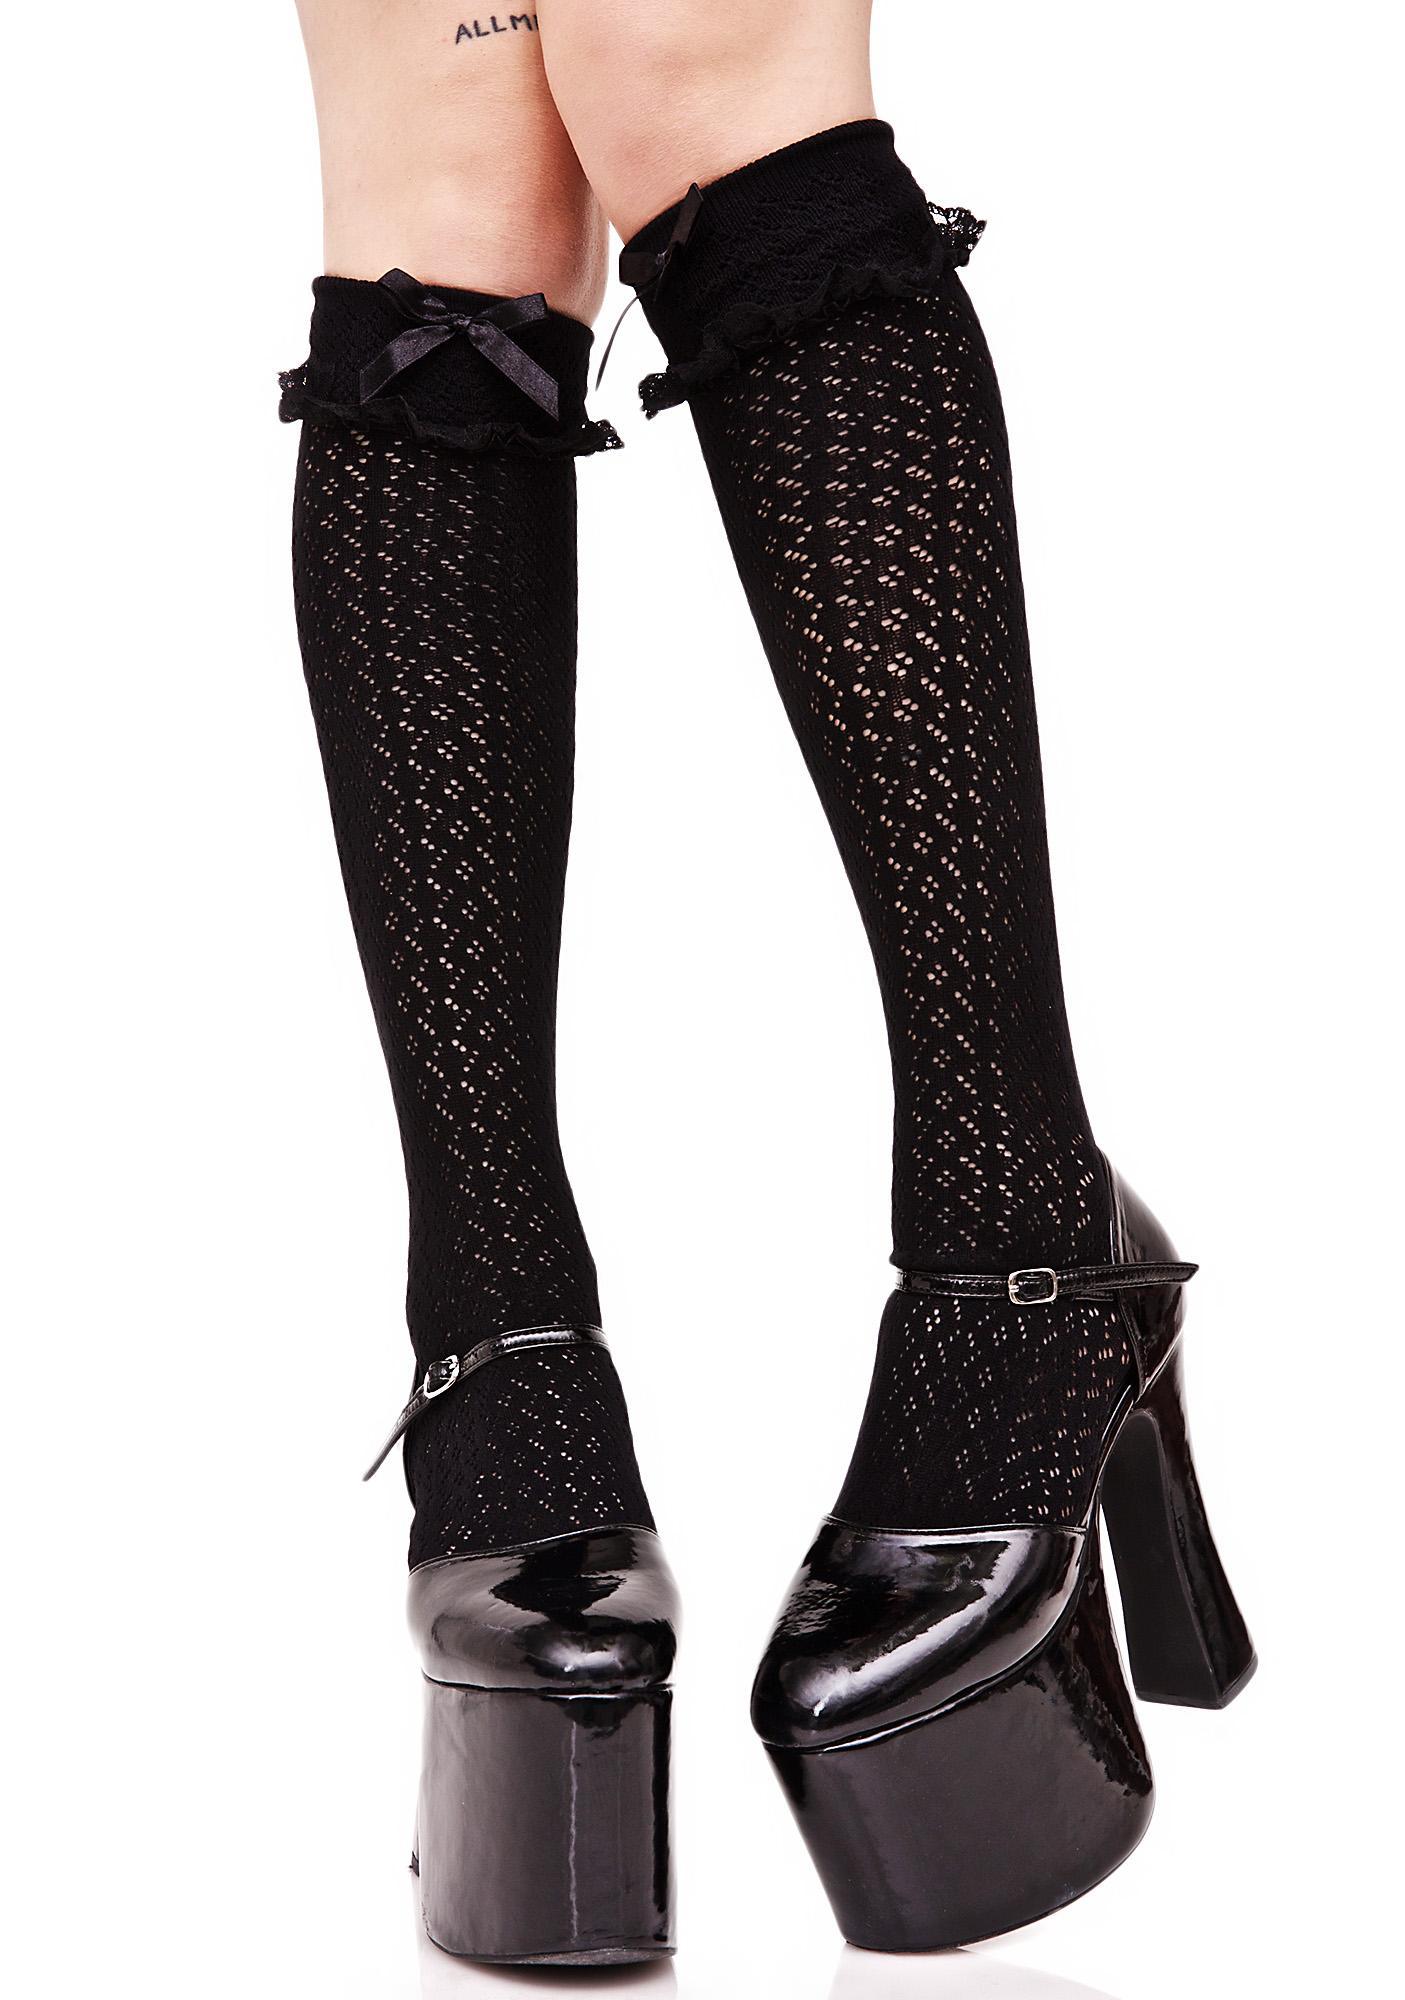 Dark Sugar Cuffed Knee Socks